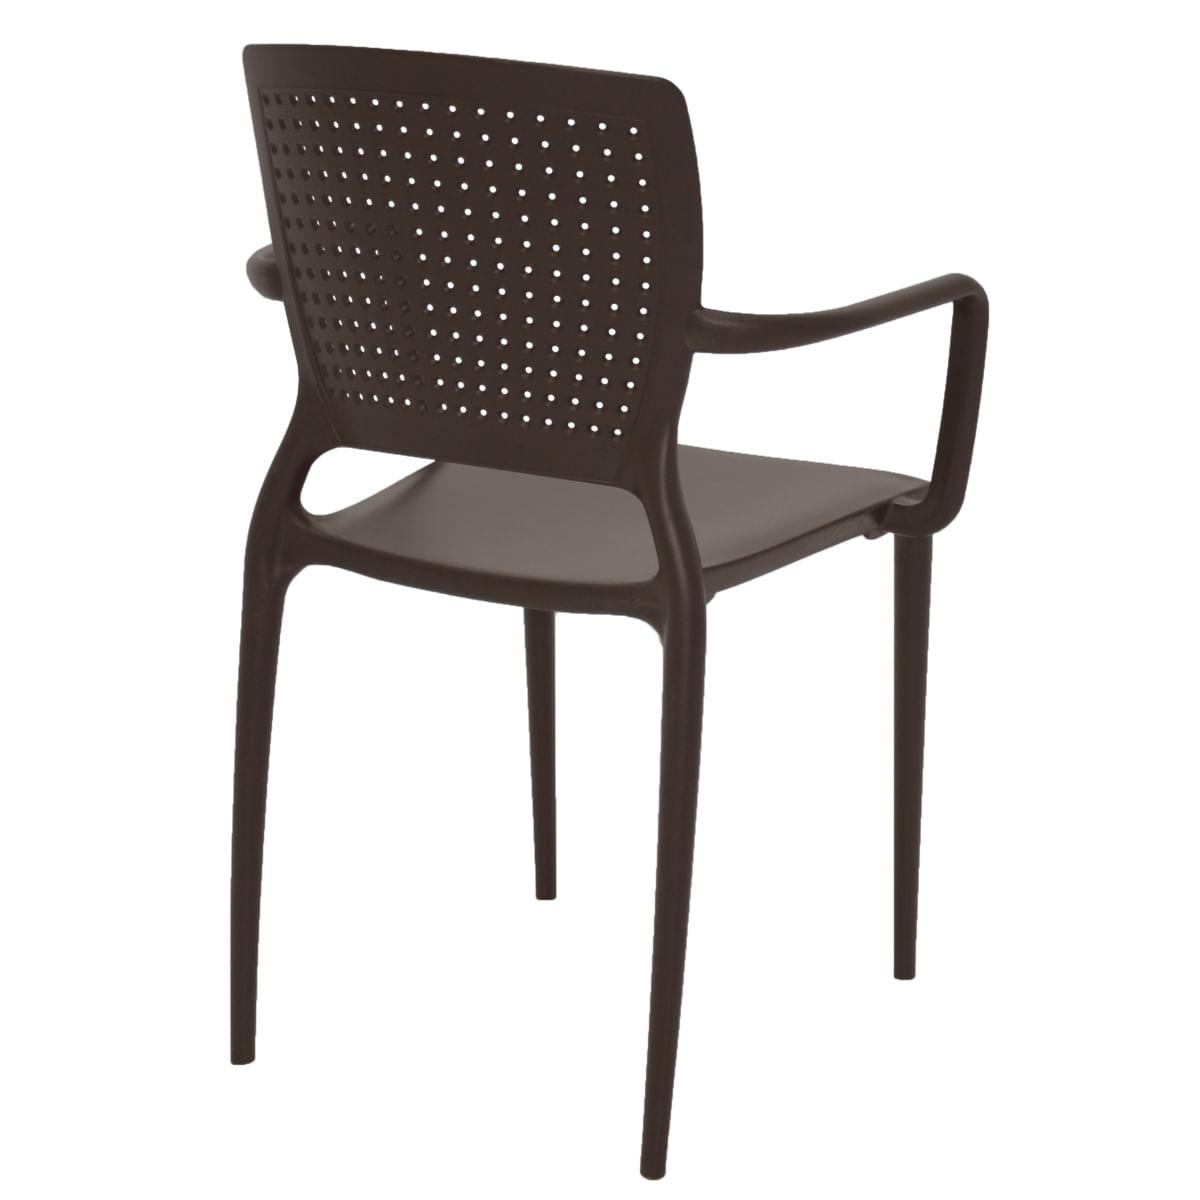 Cadeira Tramontina Safira Marrom em Polipropileno e Fibra de Vidro com Braços